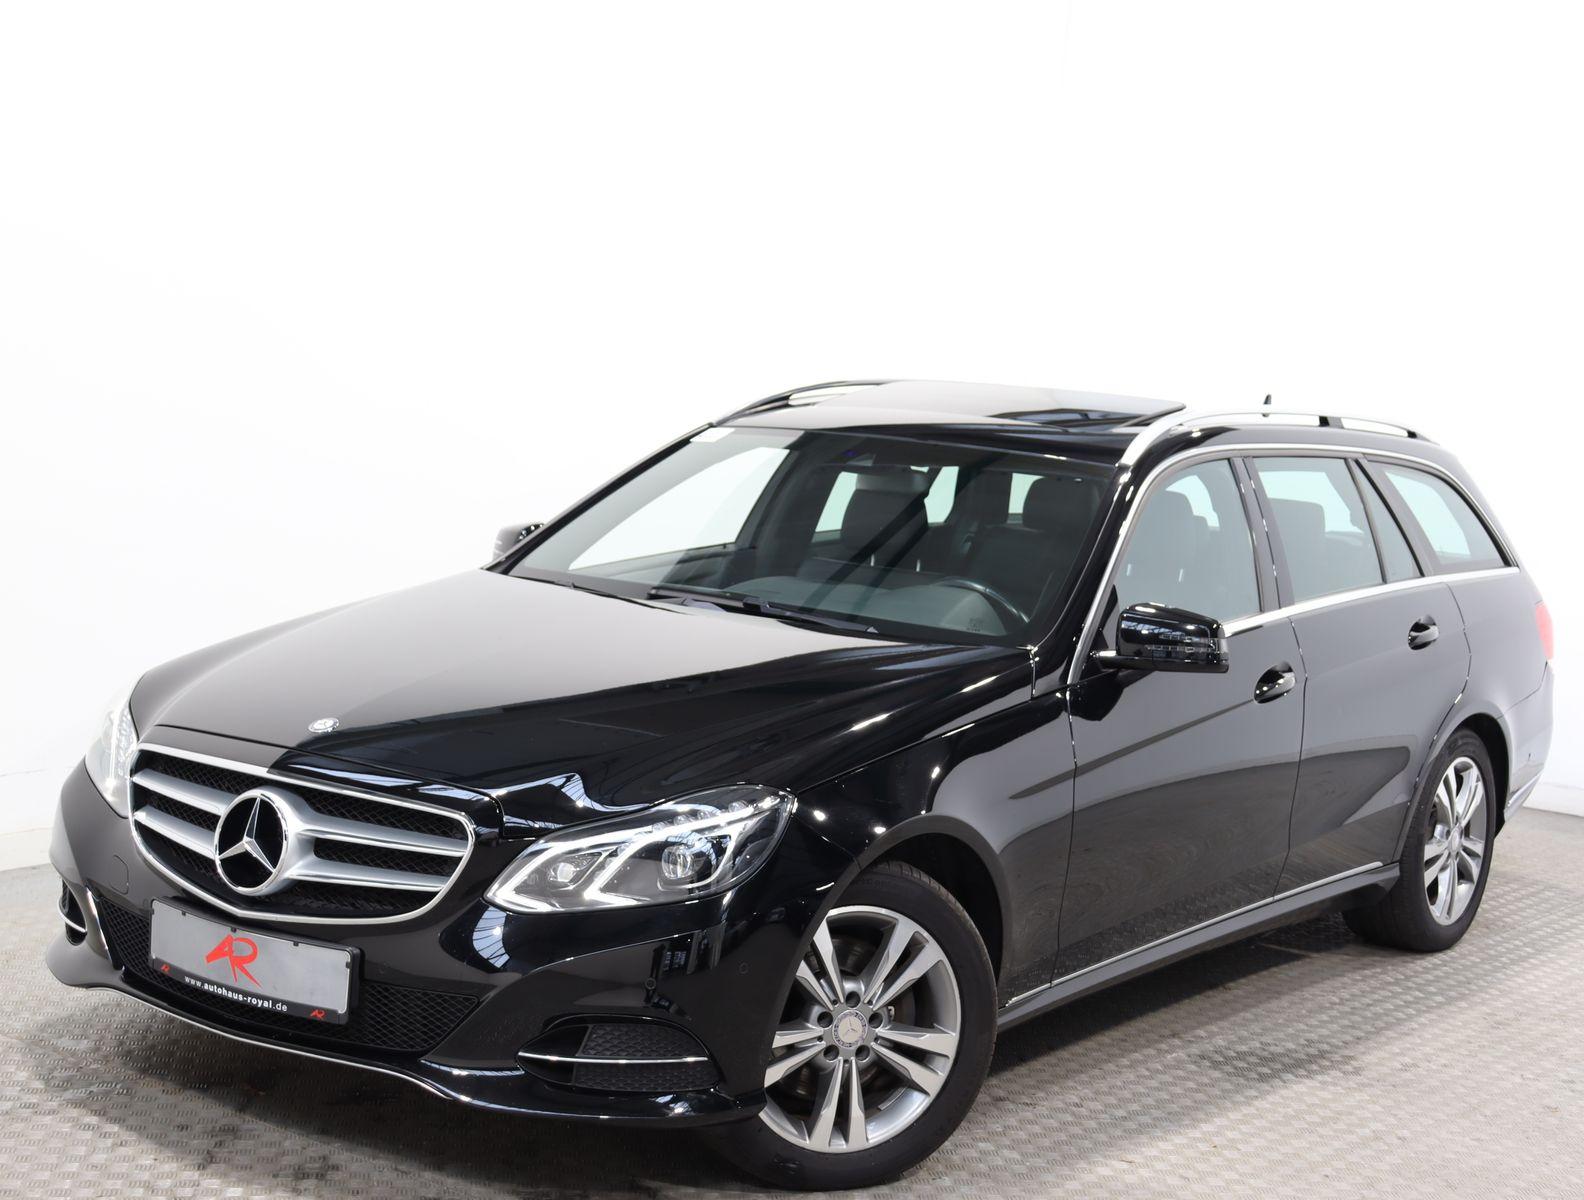 Mercedes-Benz E 250 T CDI 4M AVANTGARDE COMAND,SPURPAKET,ILS, Jahr 2014, Diesel